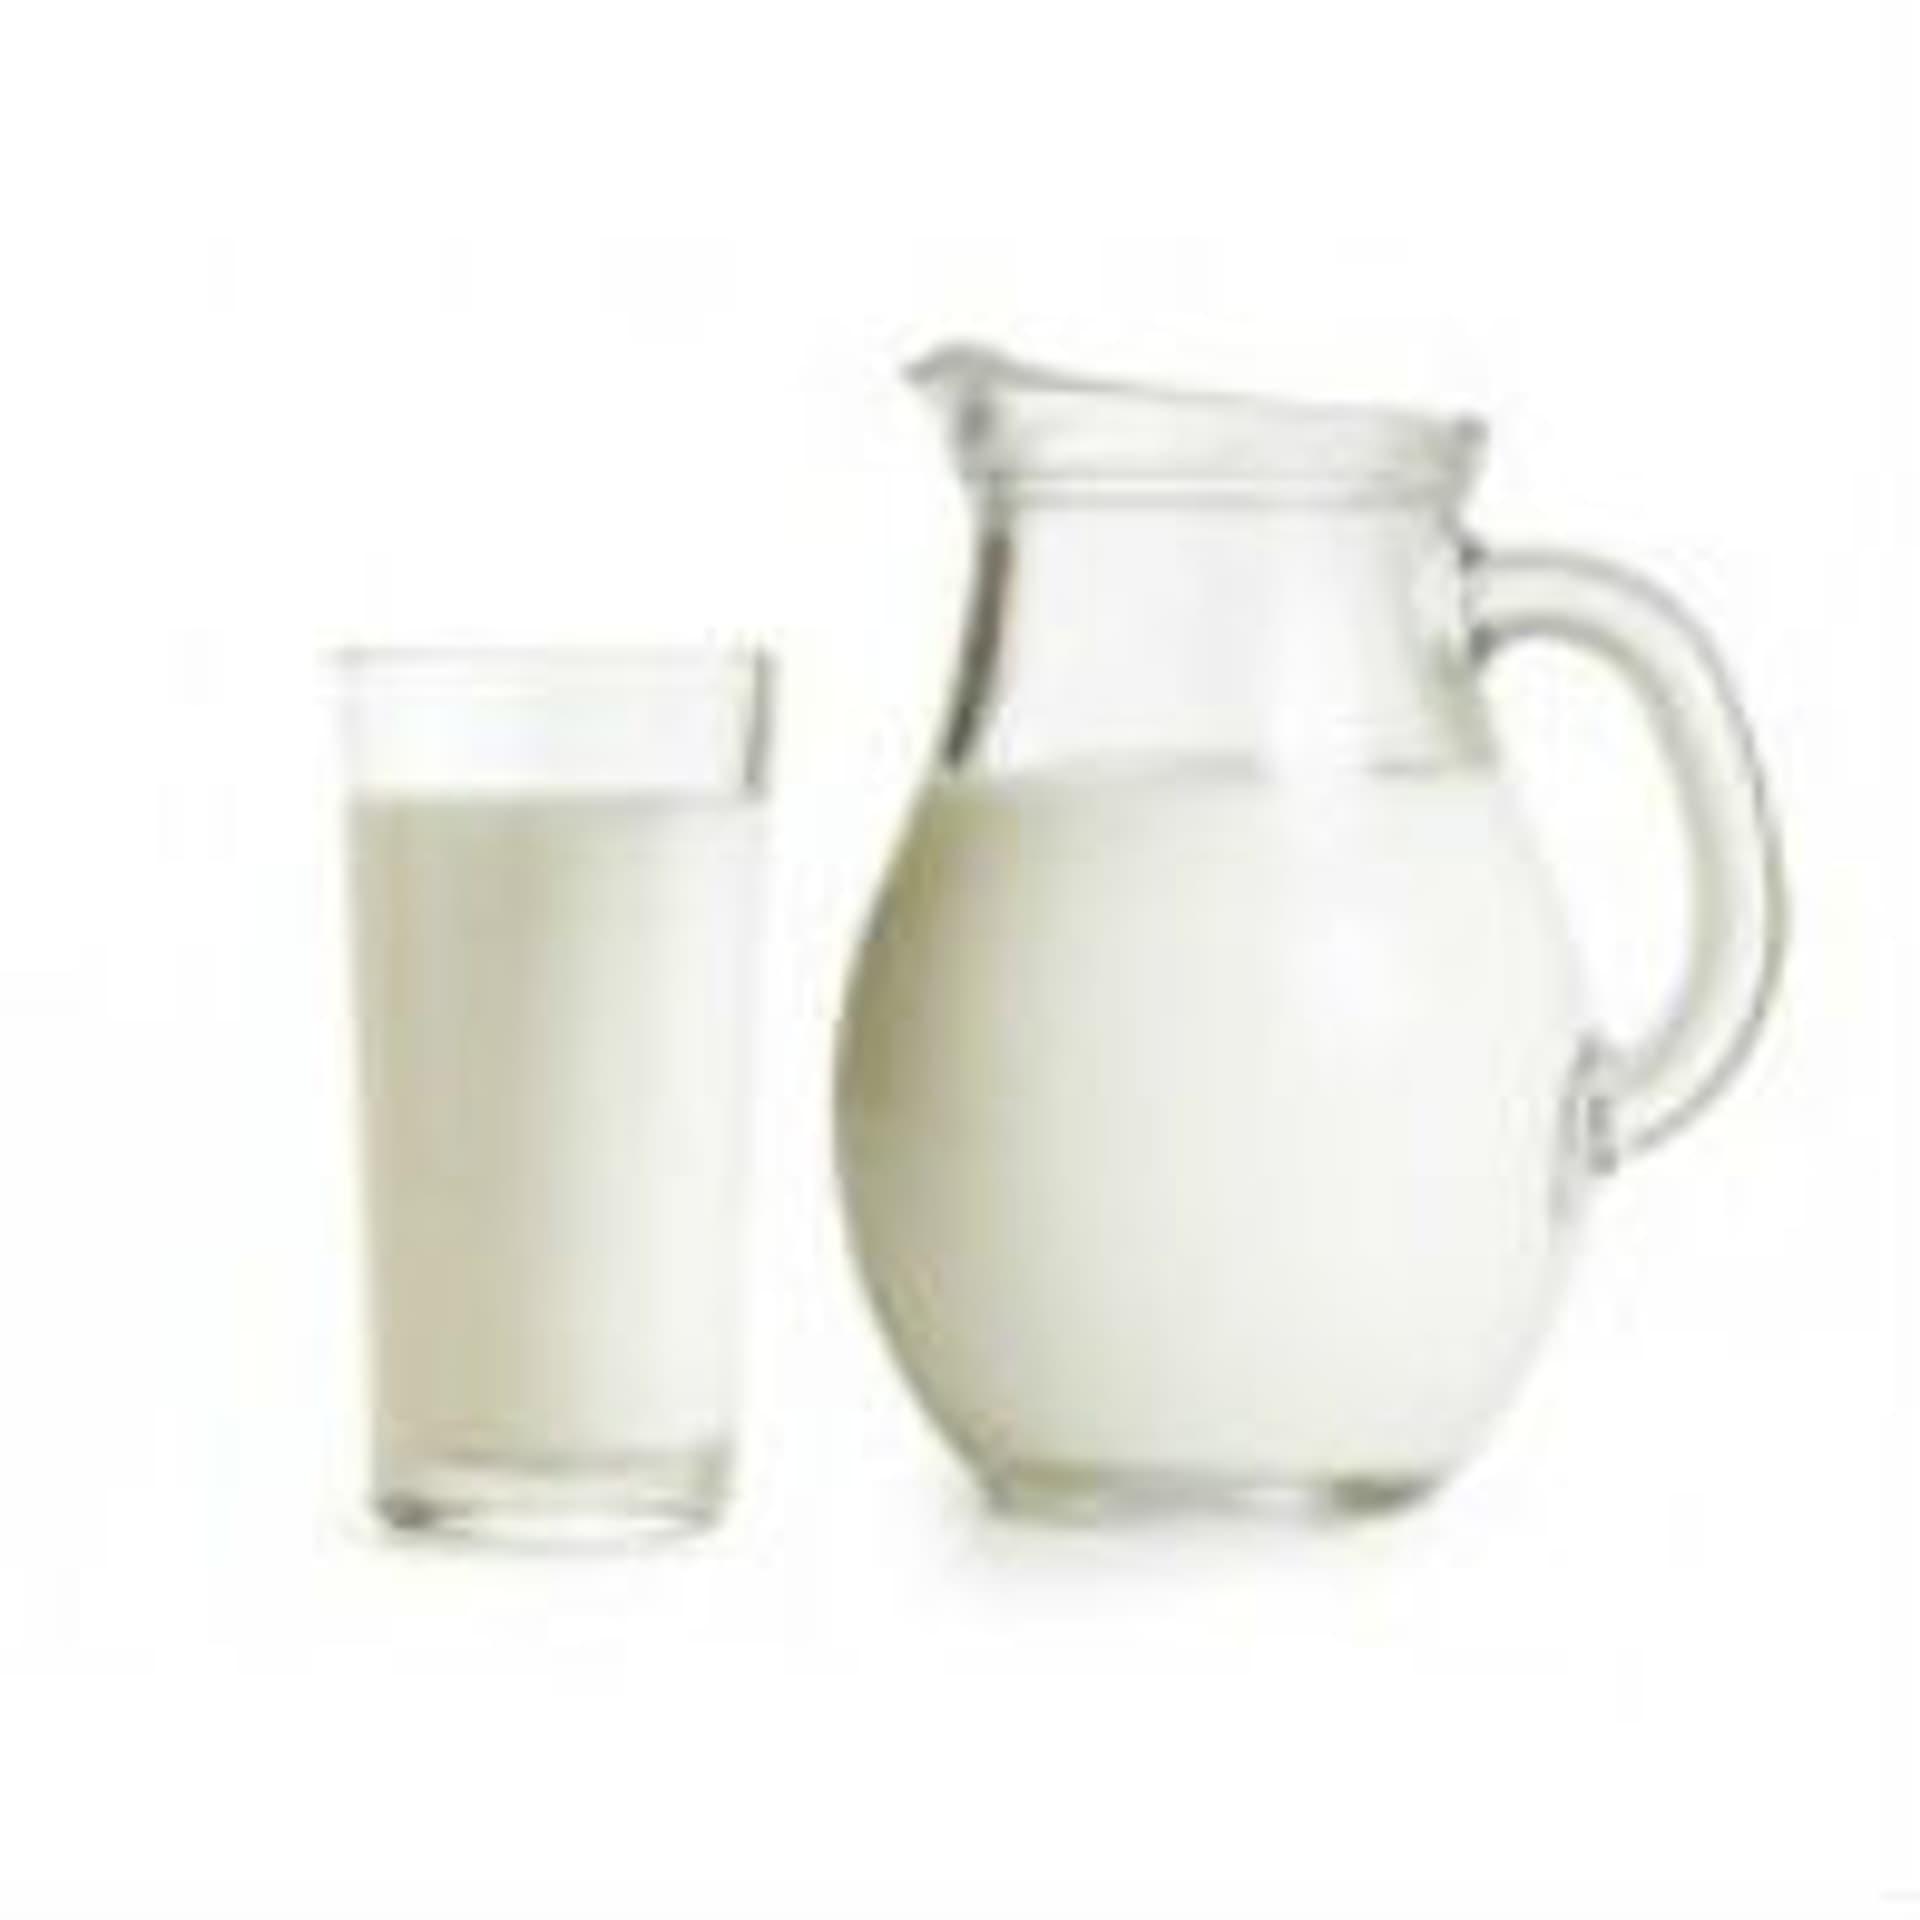 Milch c Andrey Kuzmin Fotolia